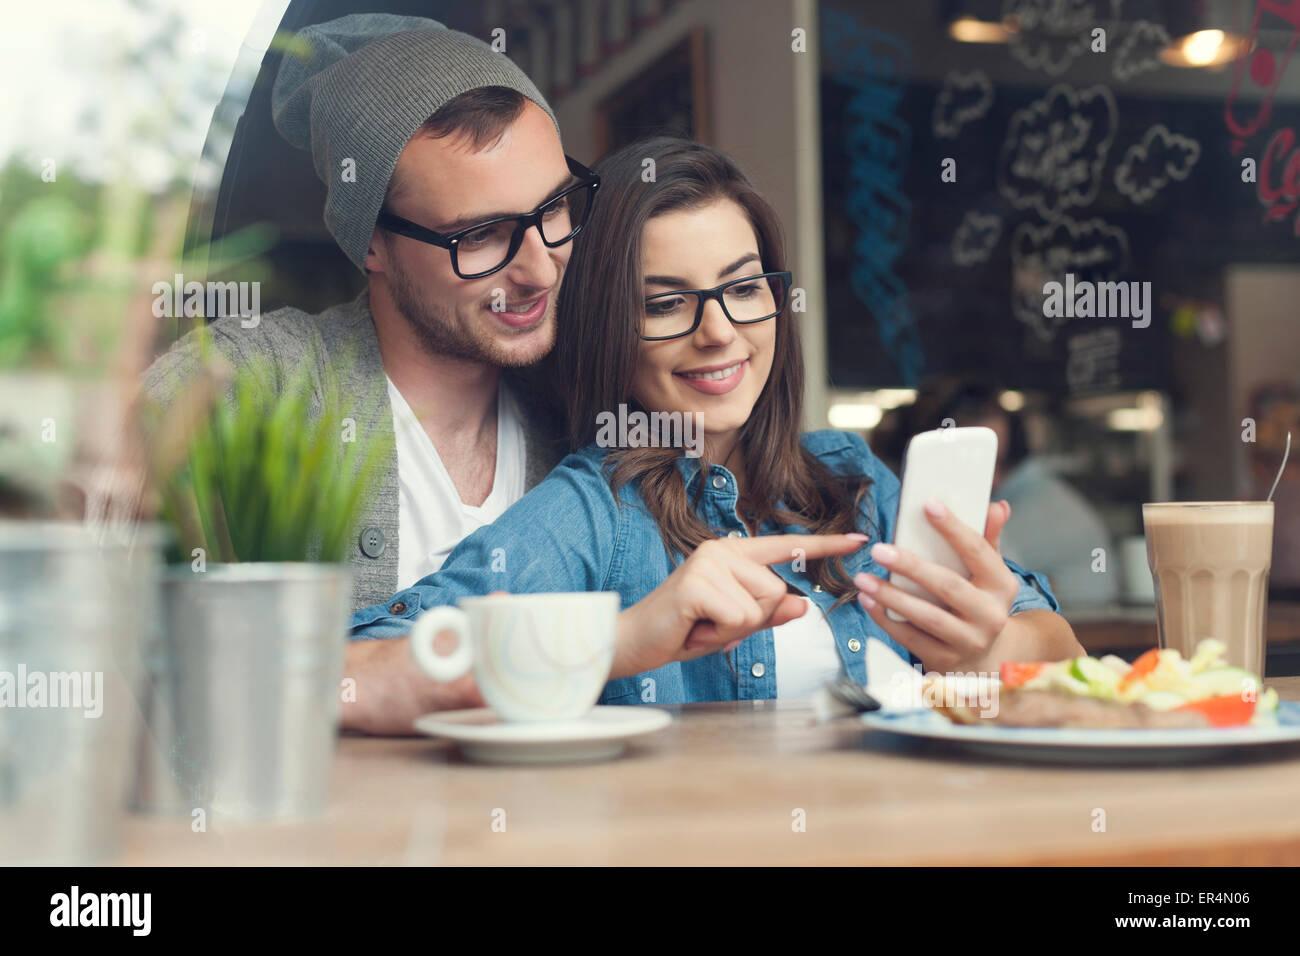 Abbracciando giovane utilizzando il telefono cellulare al cafe'. Cracovia in Polonia Immagini Stock